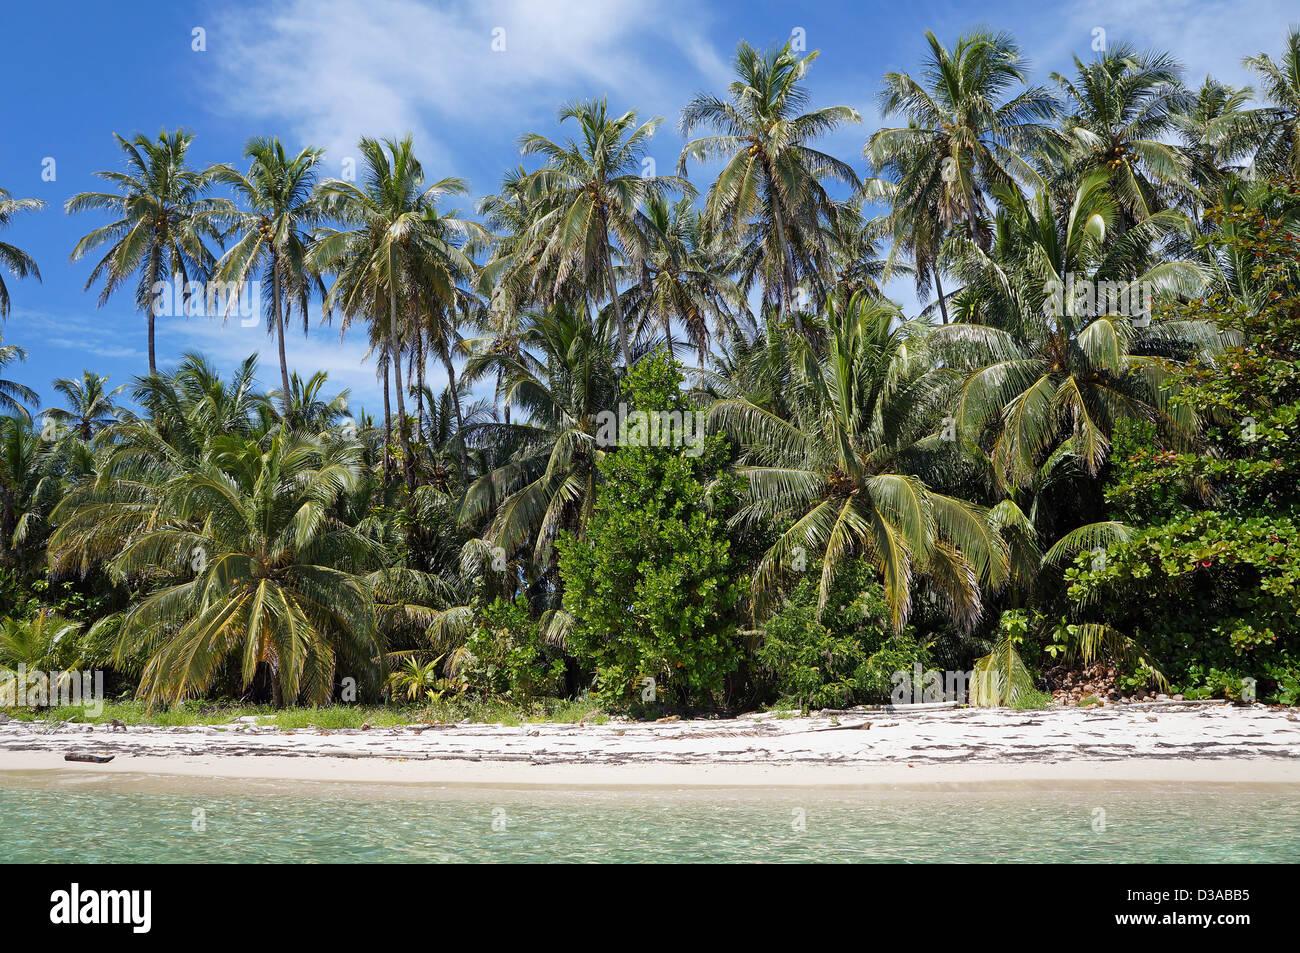 Plage de sable sauvages rive avec végétation tropicale luxuriante, mer des Caraïbes Photo Stock